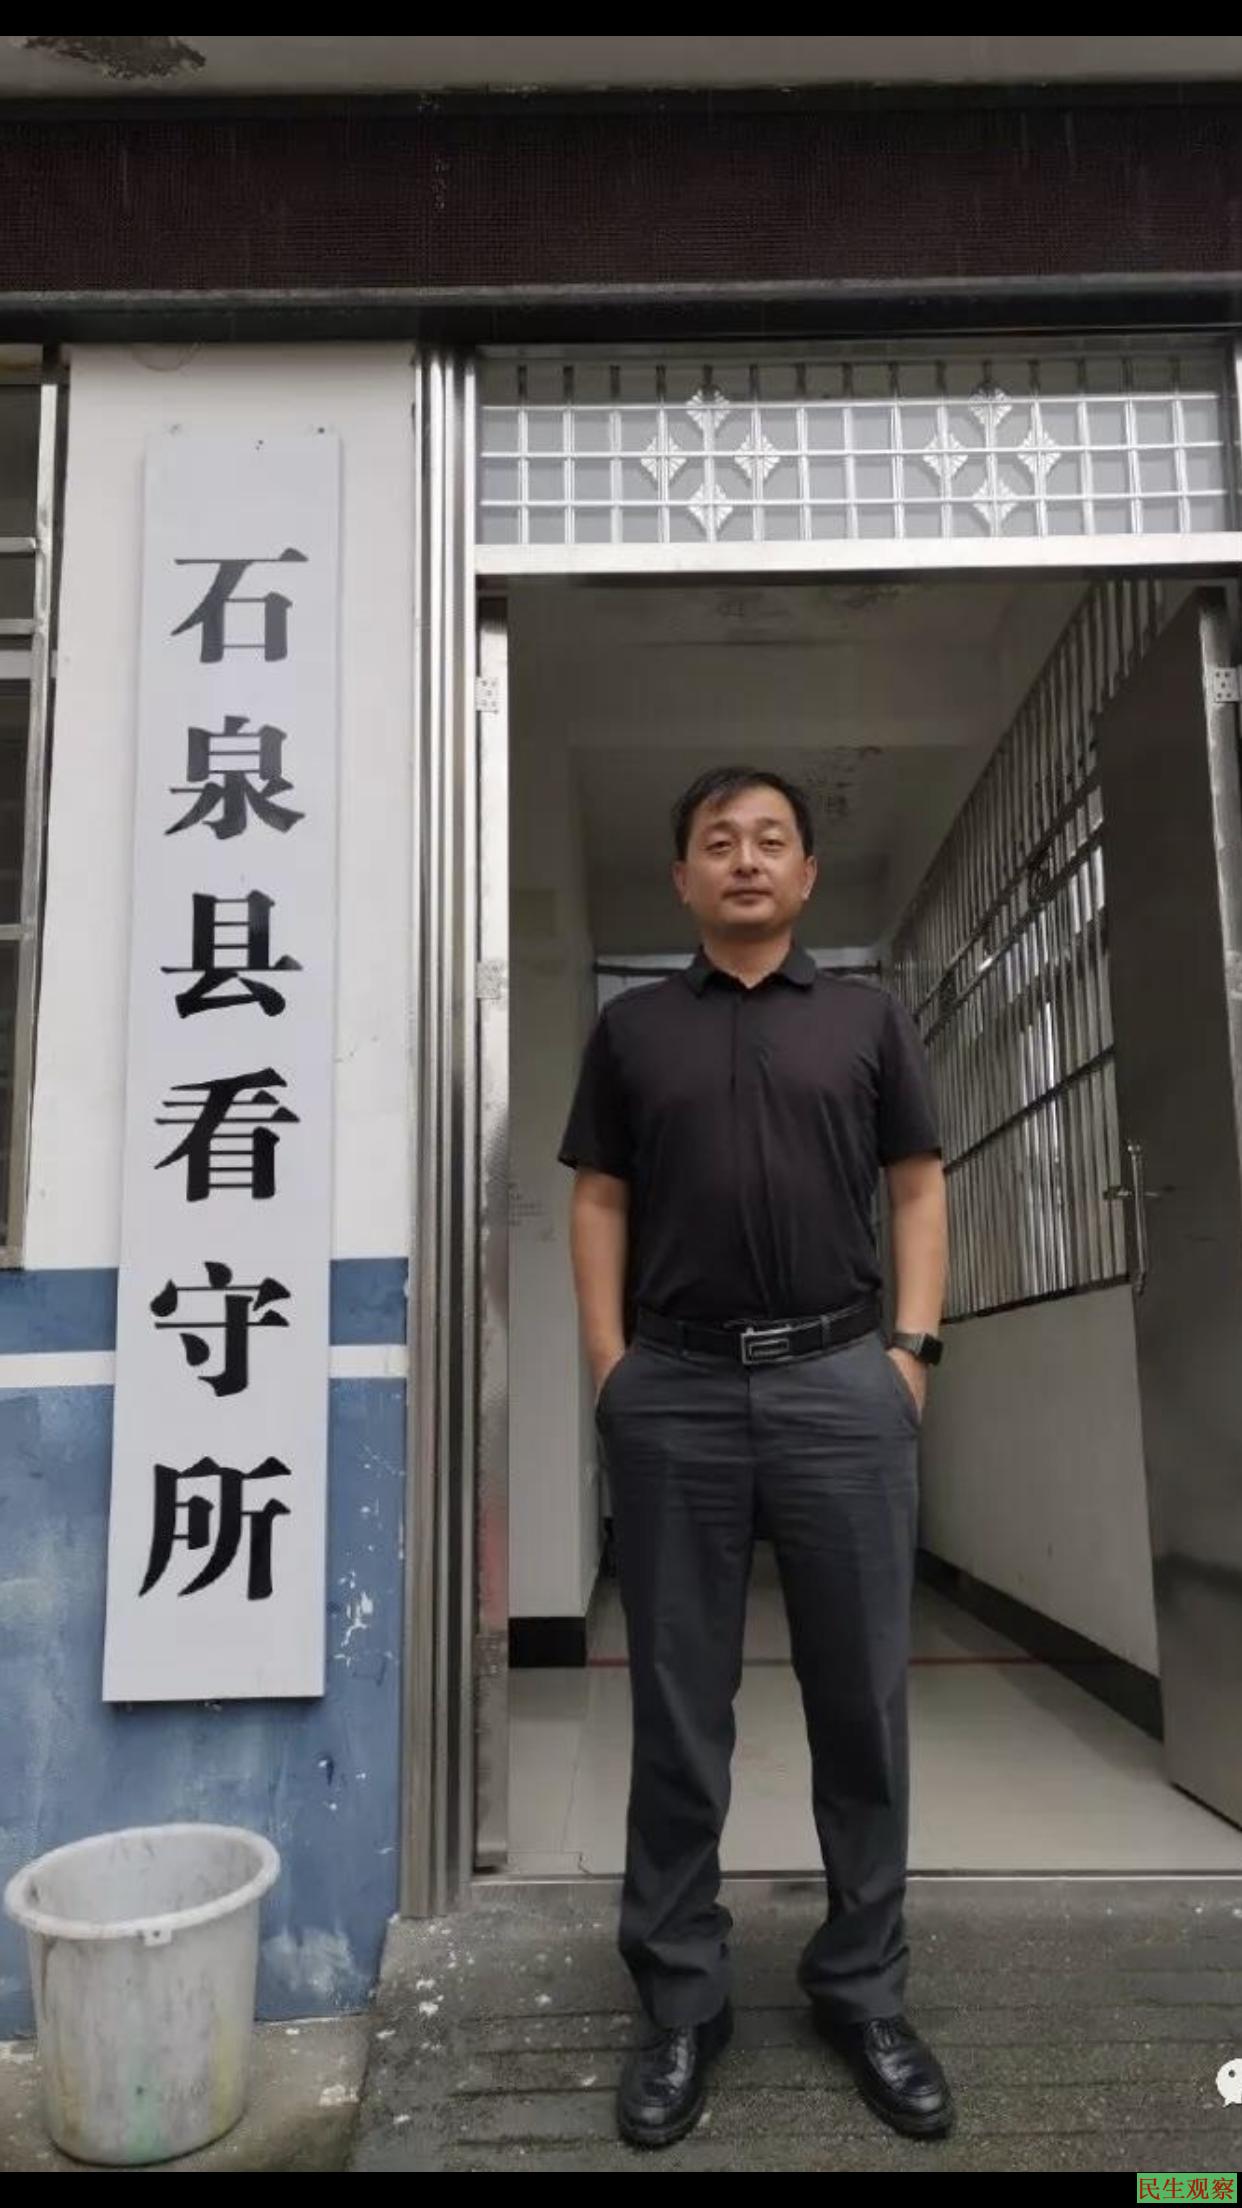 村民抵制污染遭关押 律师阅卷受阻